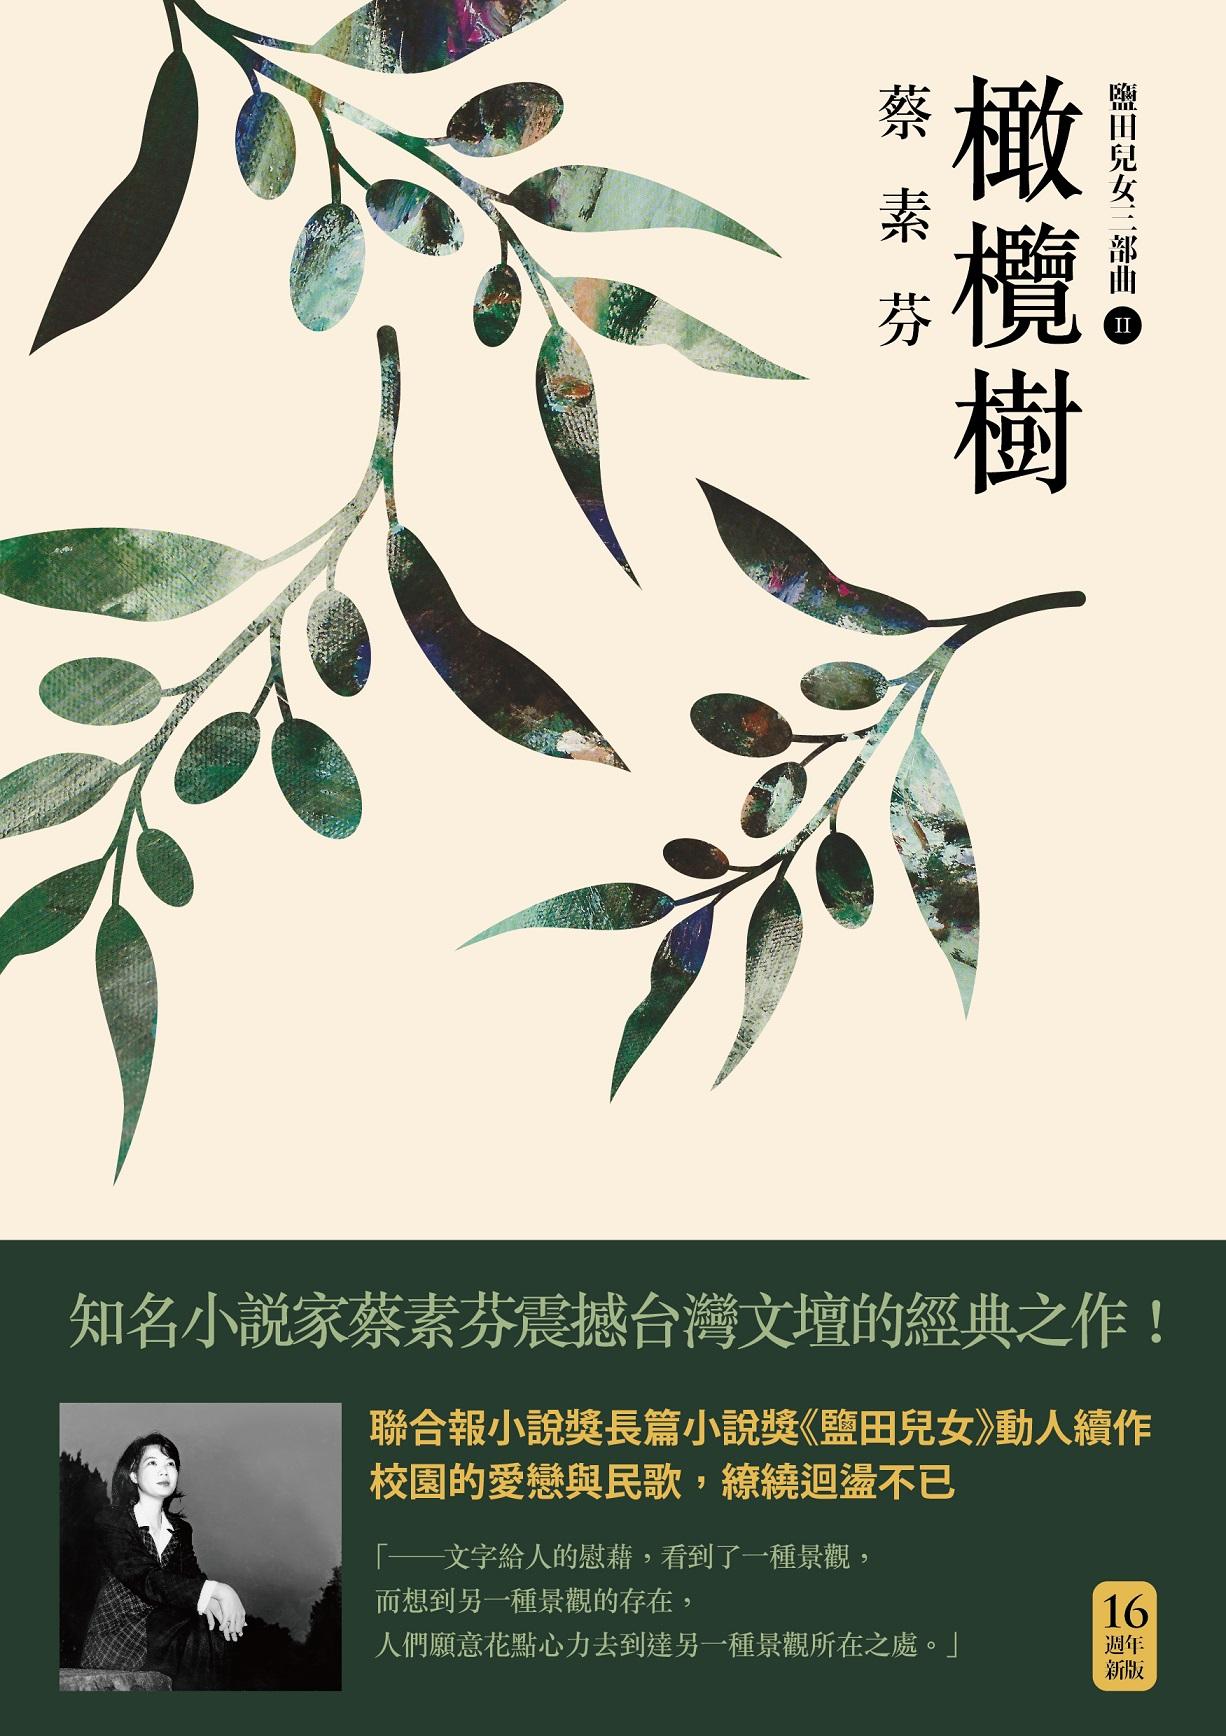 橄欖樹(正書封).jpg